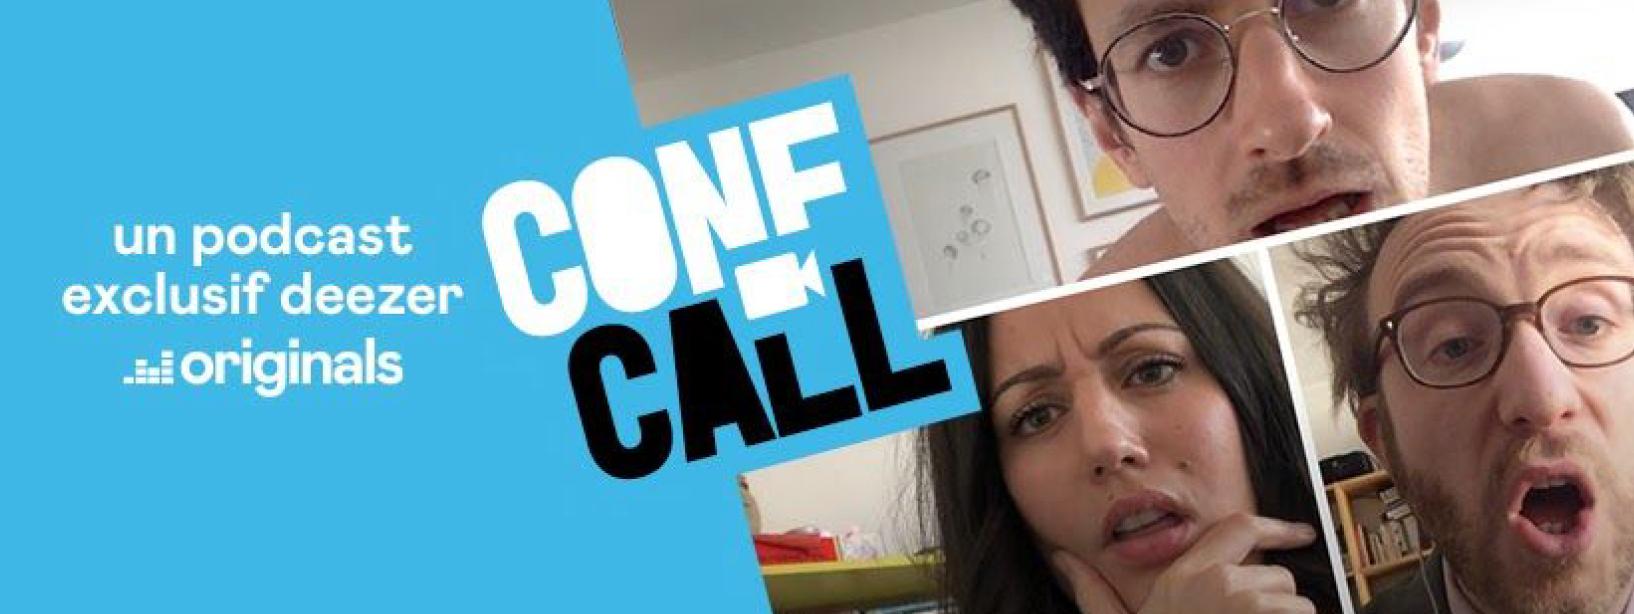 """Deezer et Paradiso jouent avec les codes de la vie en entreprise avec """"Conf Call"""""""